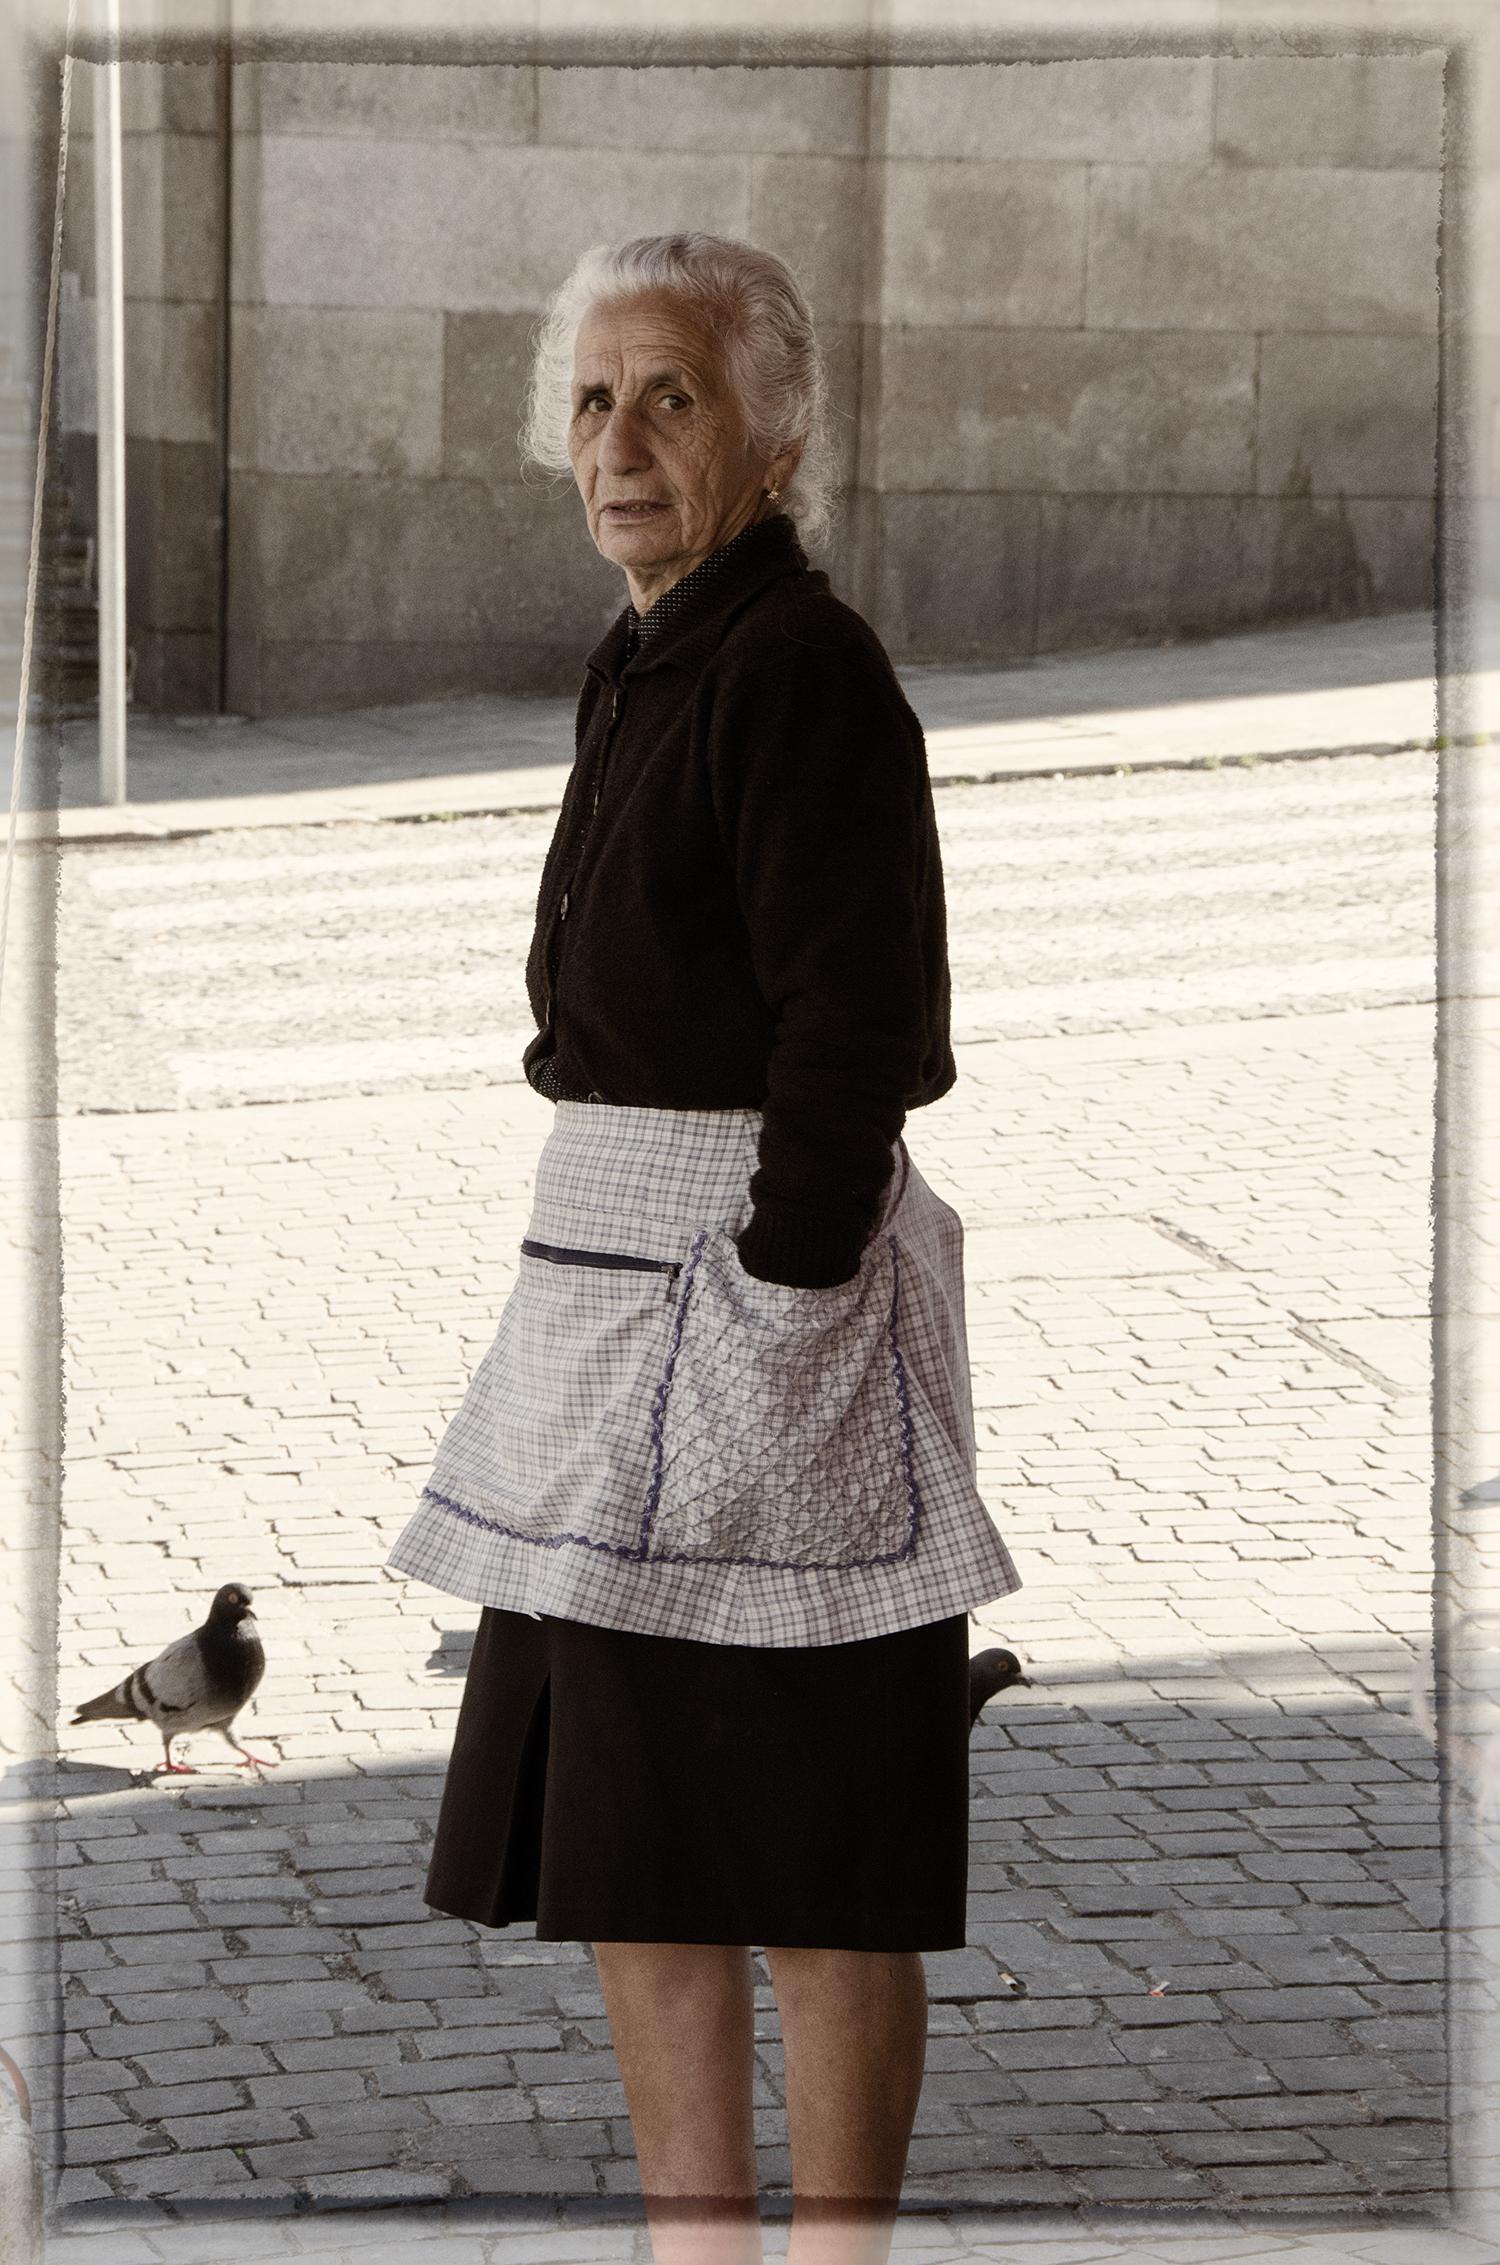 Woman in Apron, Porto